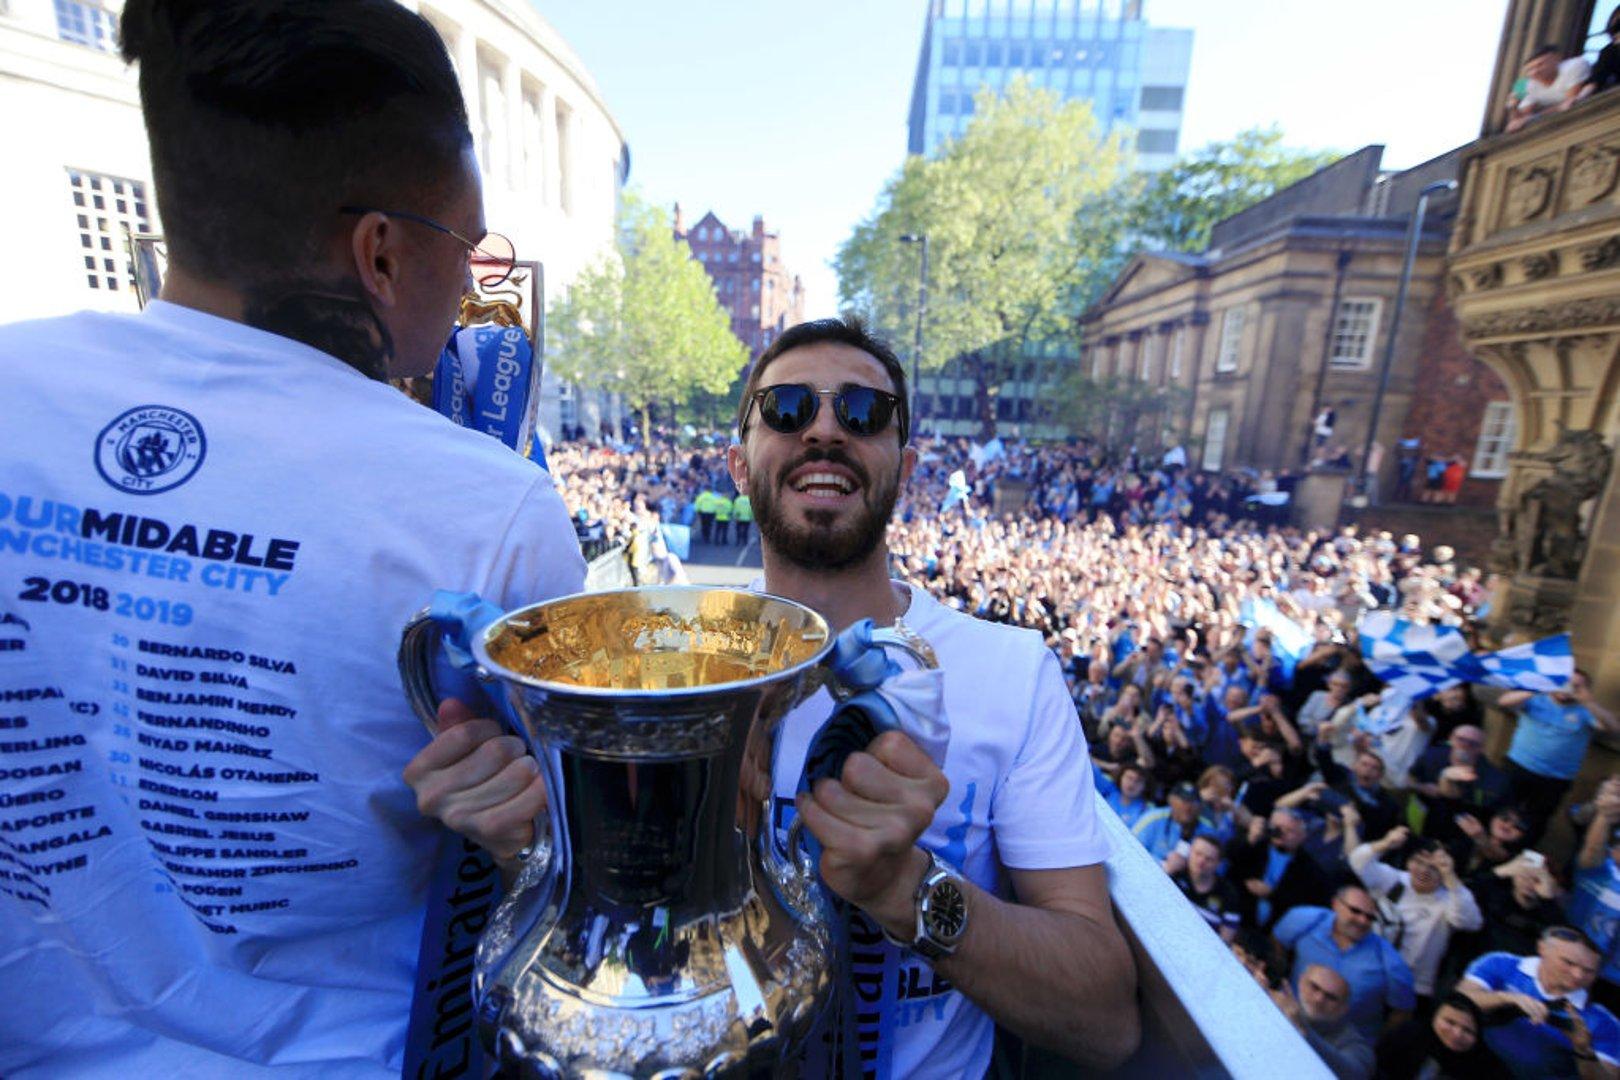 ผลการจับฉลาก FA CUP รอบรองชนะเลิศ